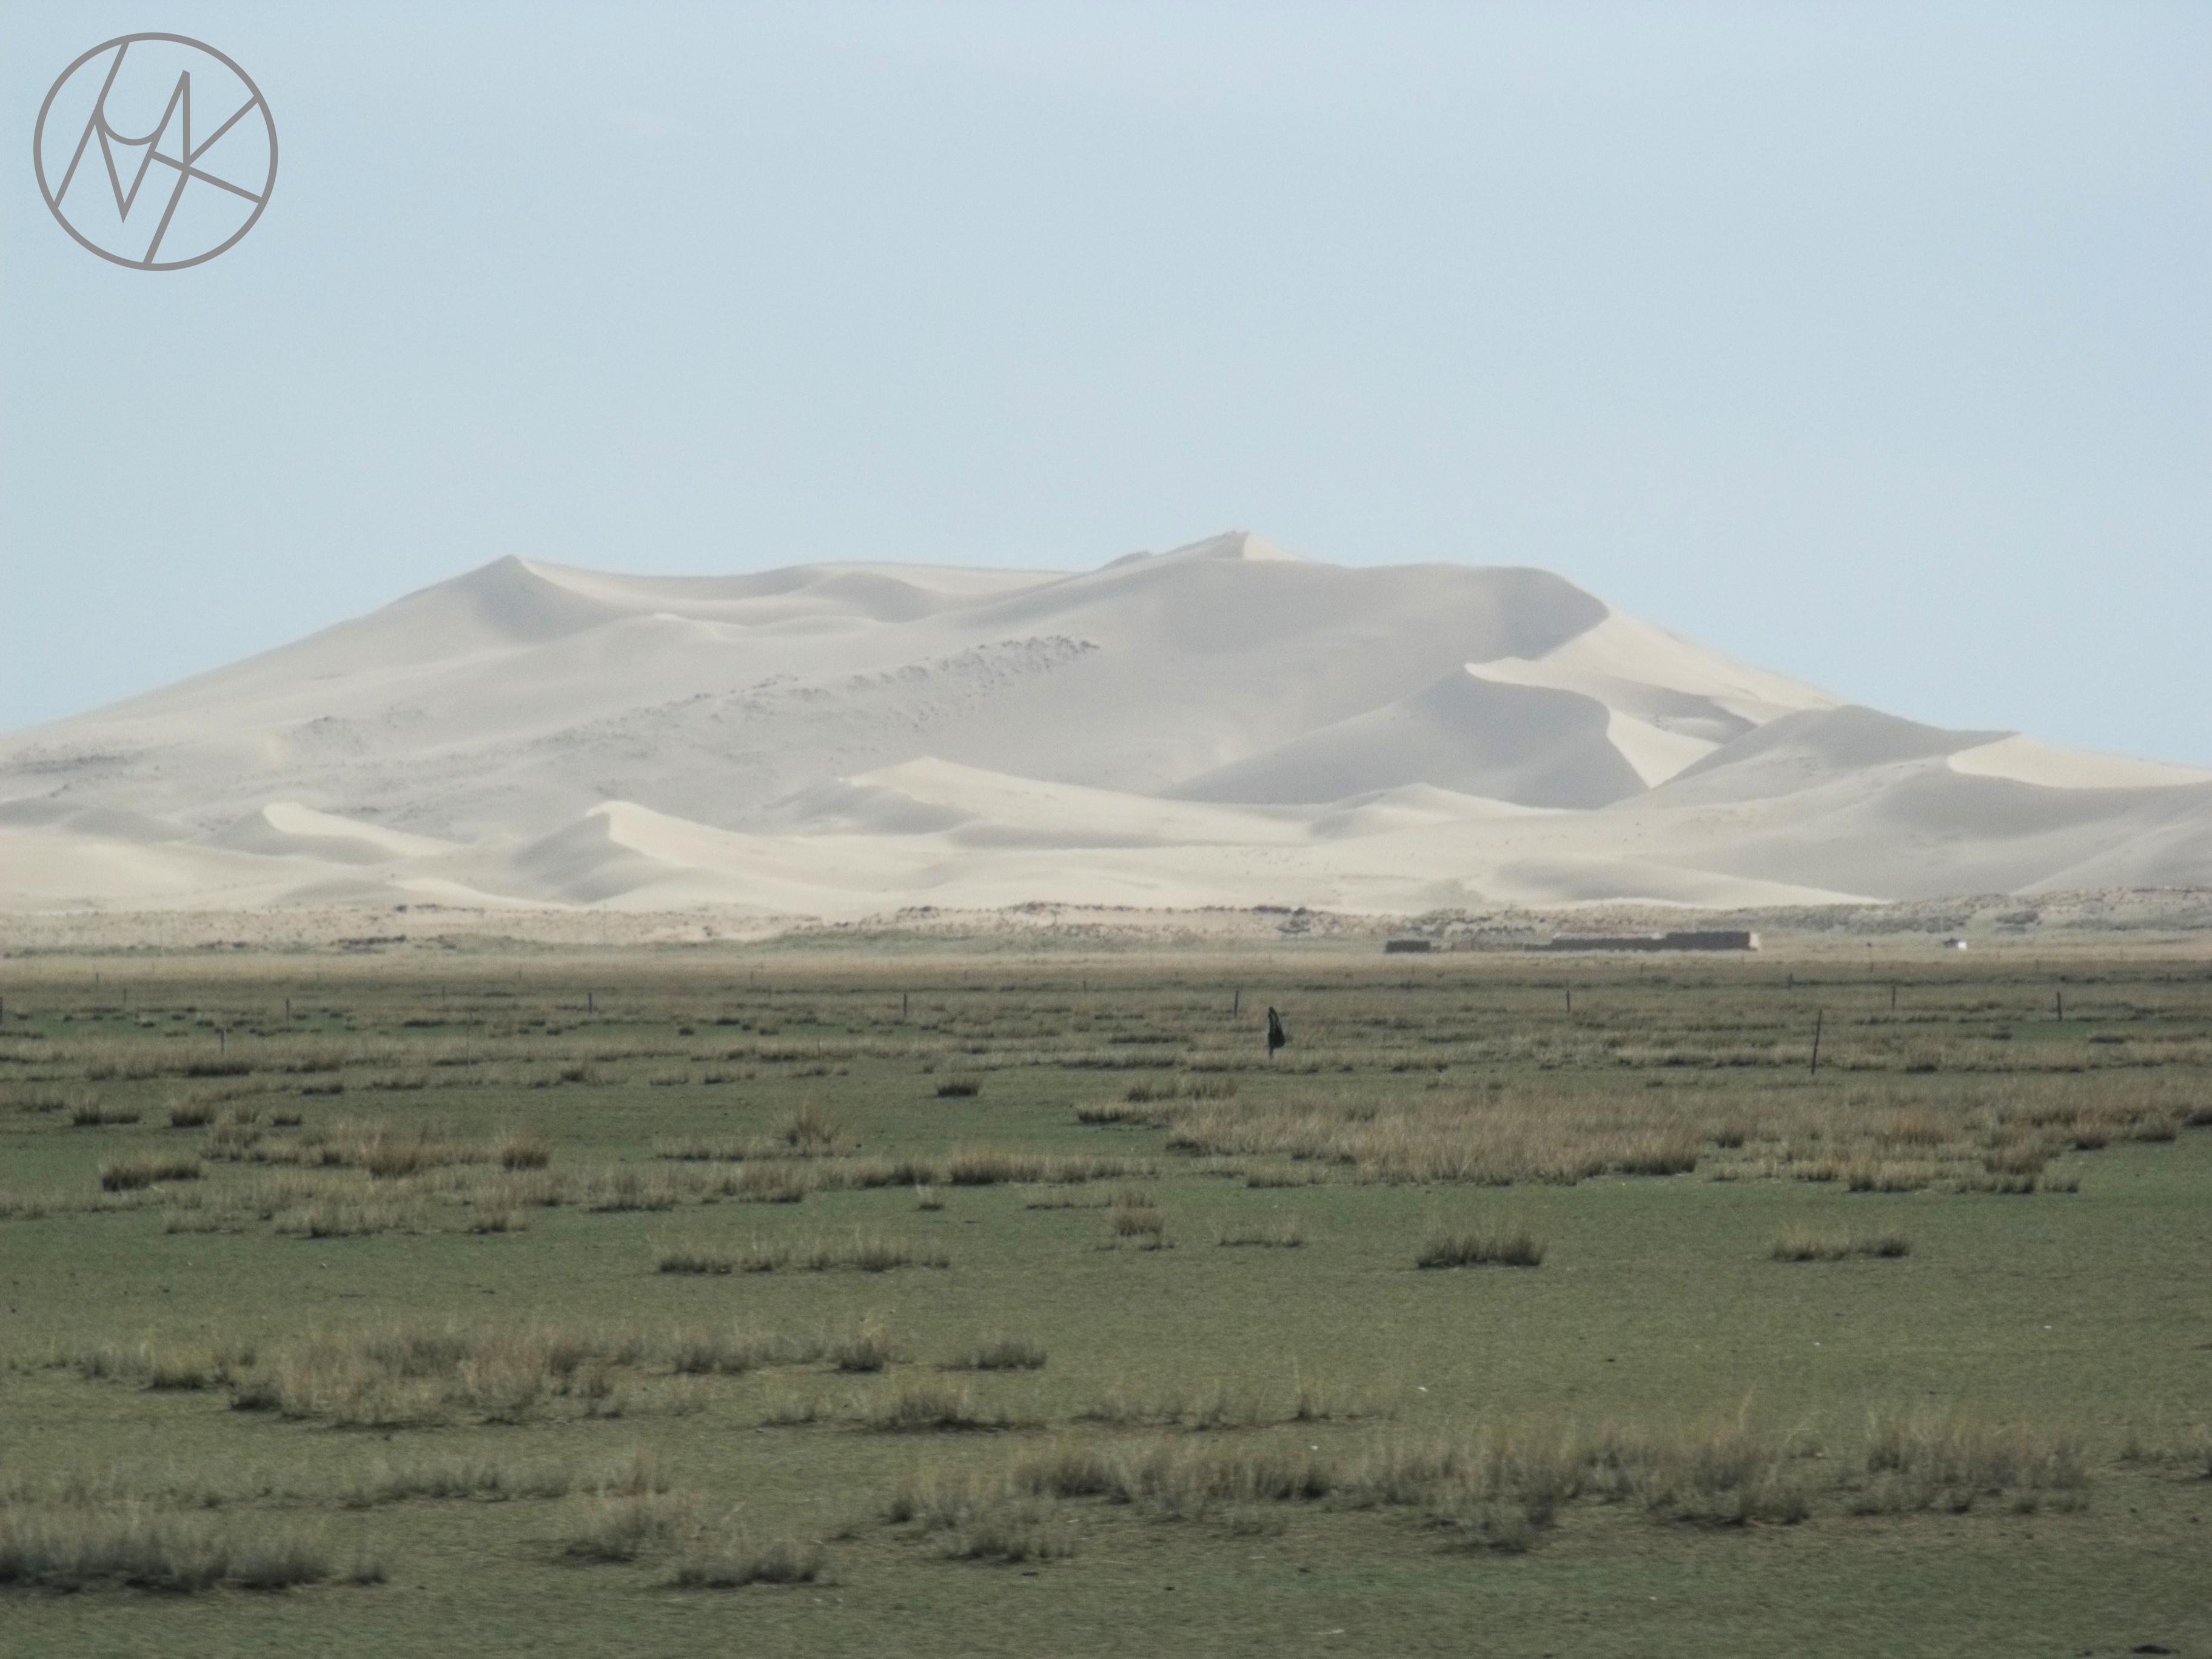 tibet_utazas_travel_desert_sivatag.JPG